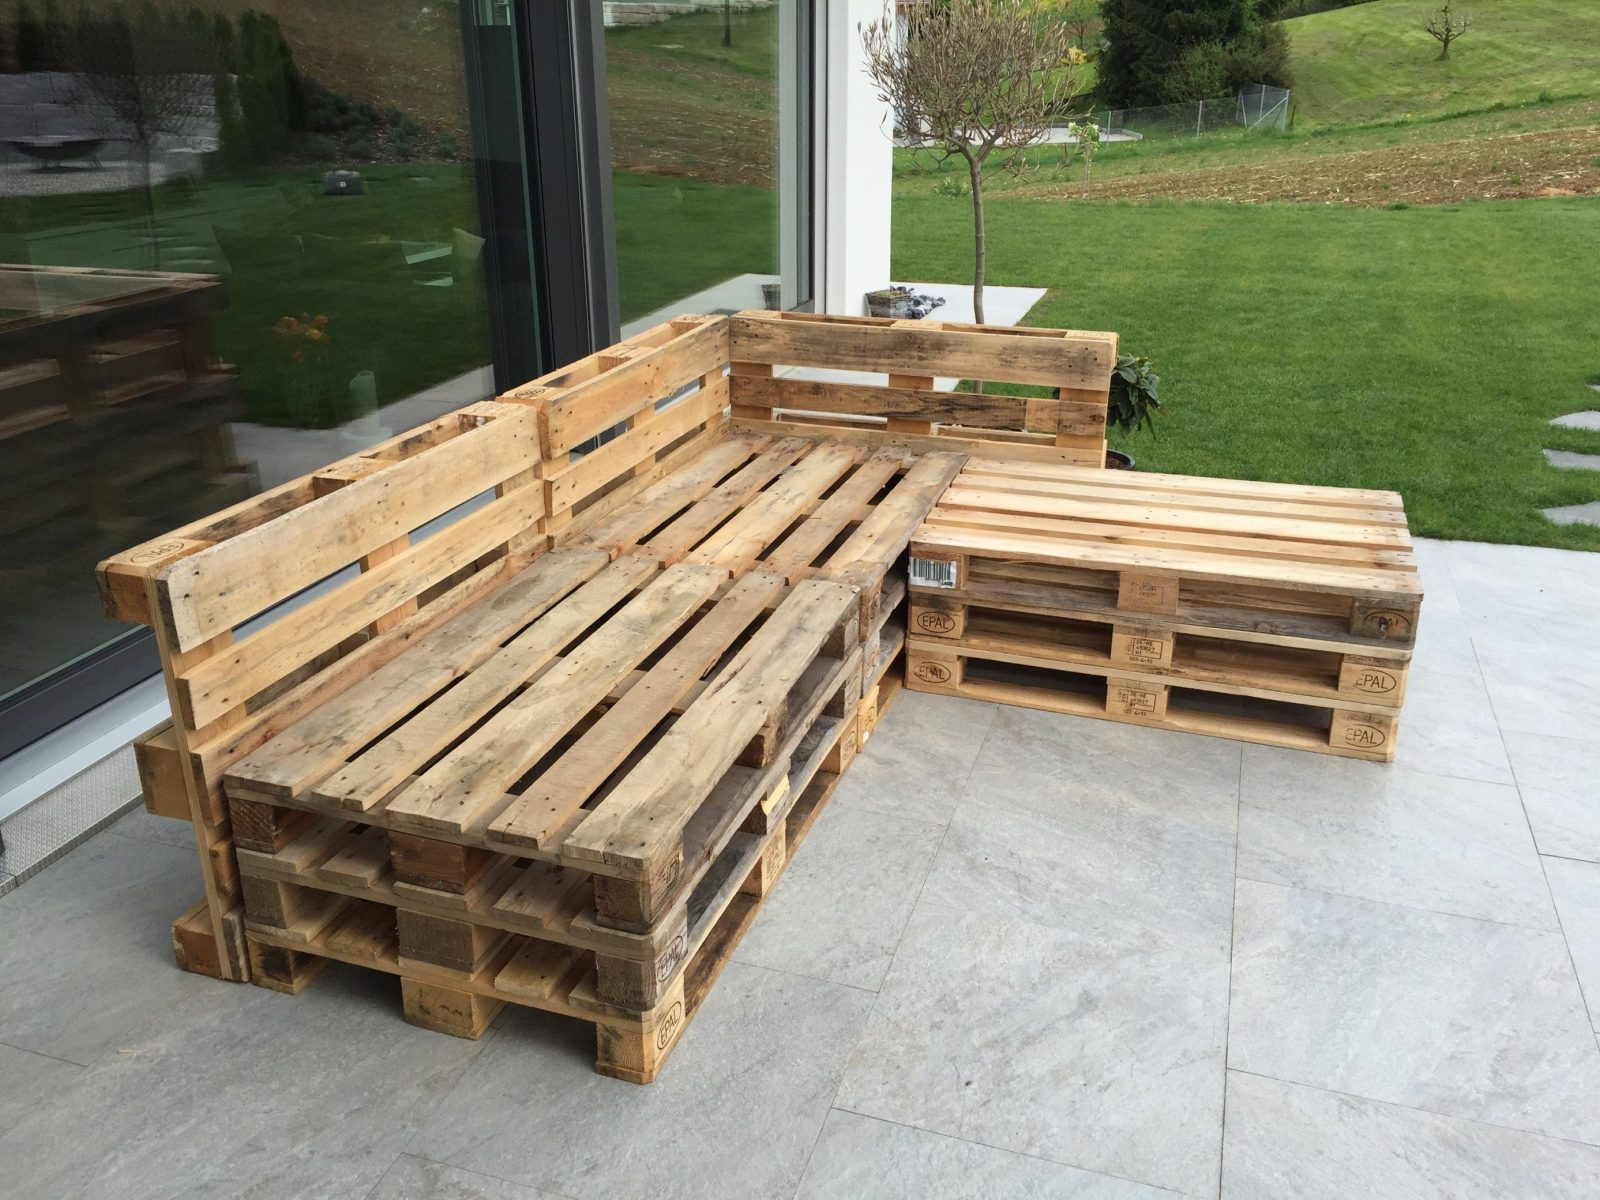 Gartenlounge Aus Paletten Selber Bauen  Heimwerkerking von Garten Lounge Aus Paletten Selber Bauen Photo